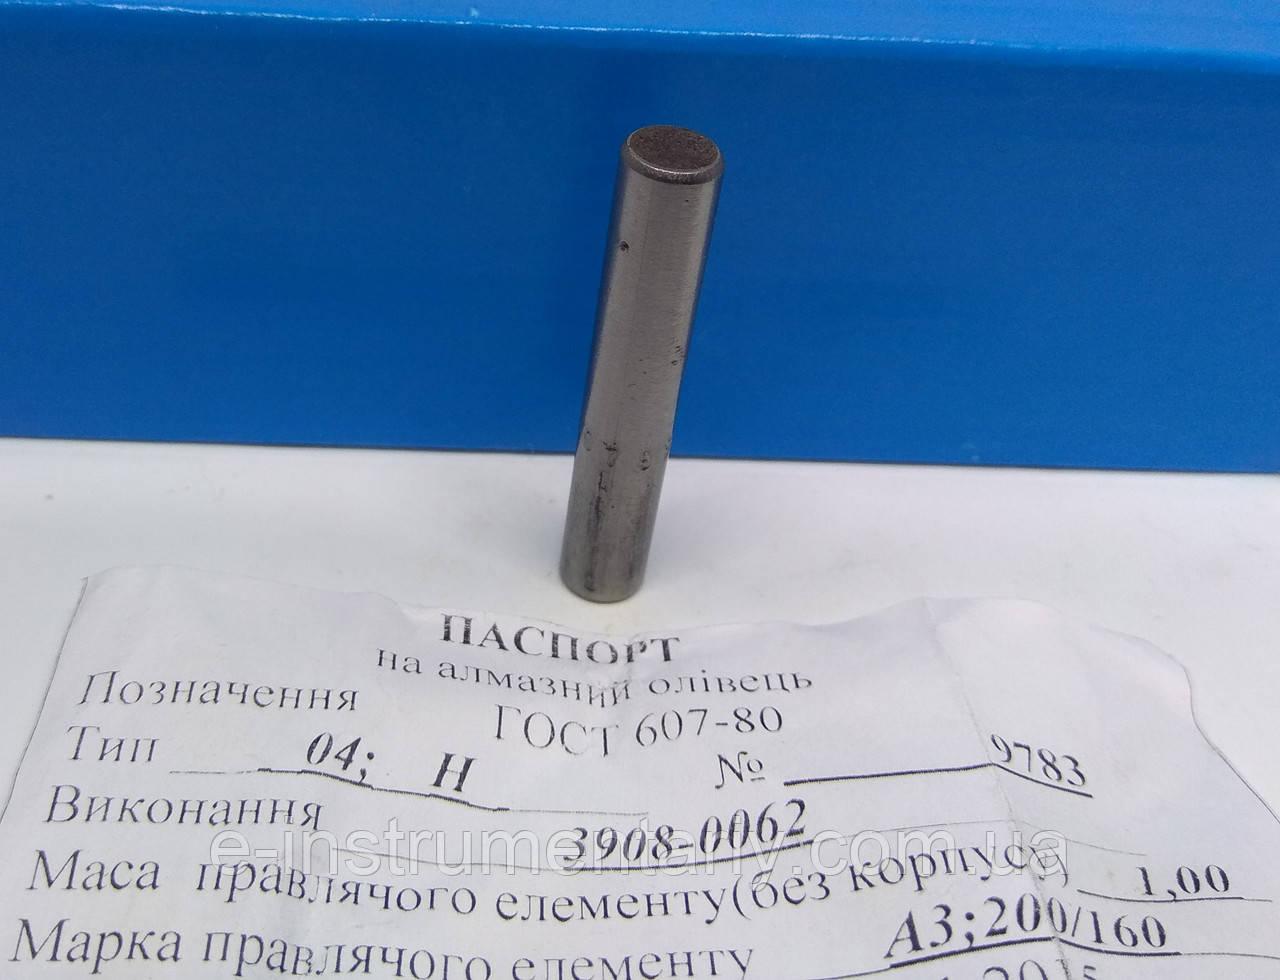 Алмазний олівець 3908-0062/1 тип 04 вик. А 1,0 карат. якість - 1